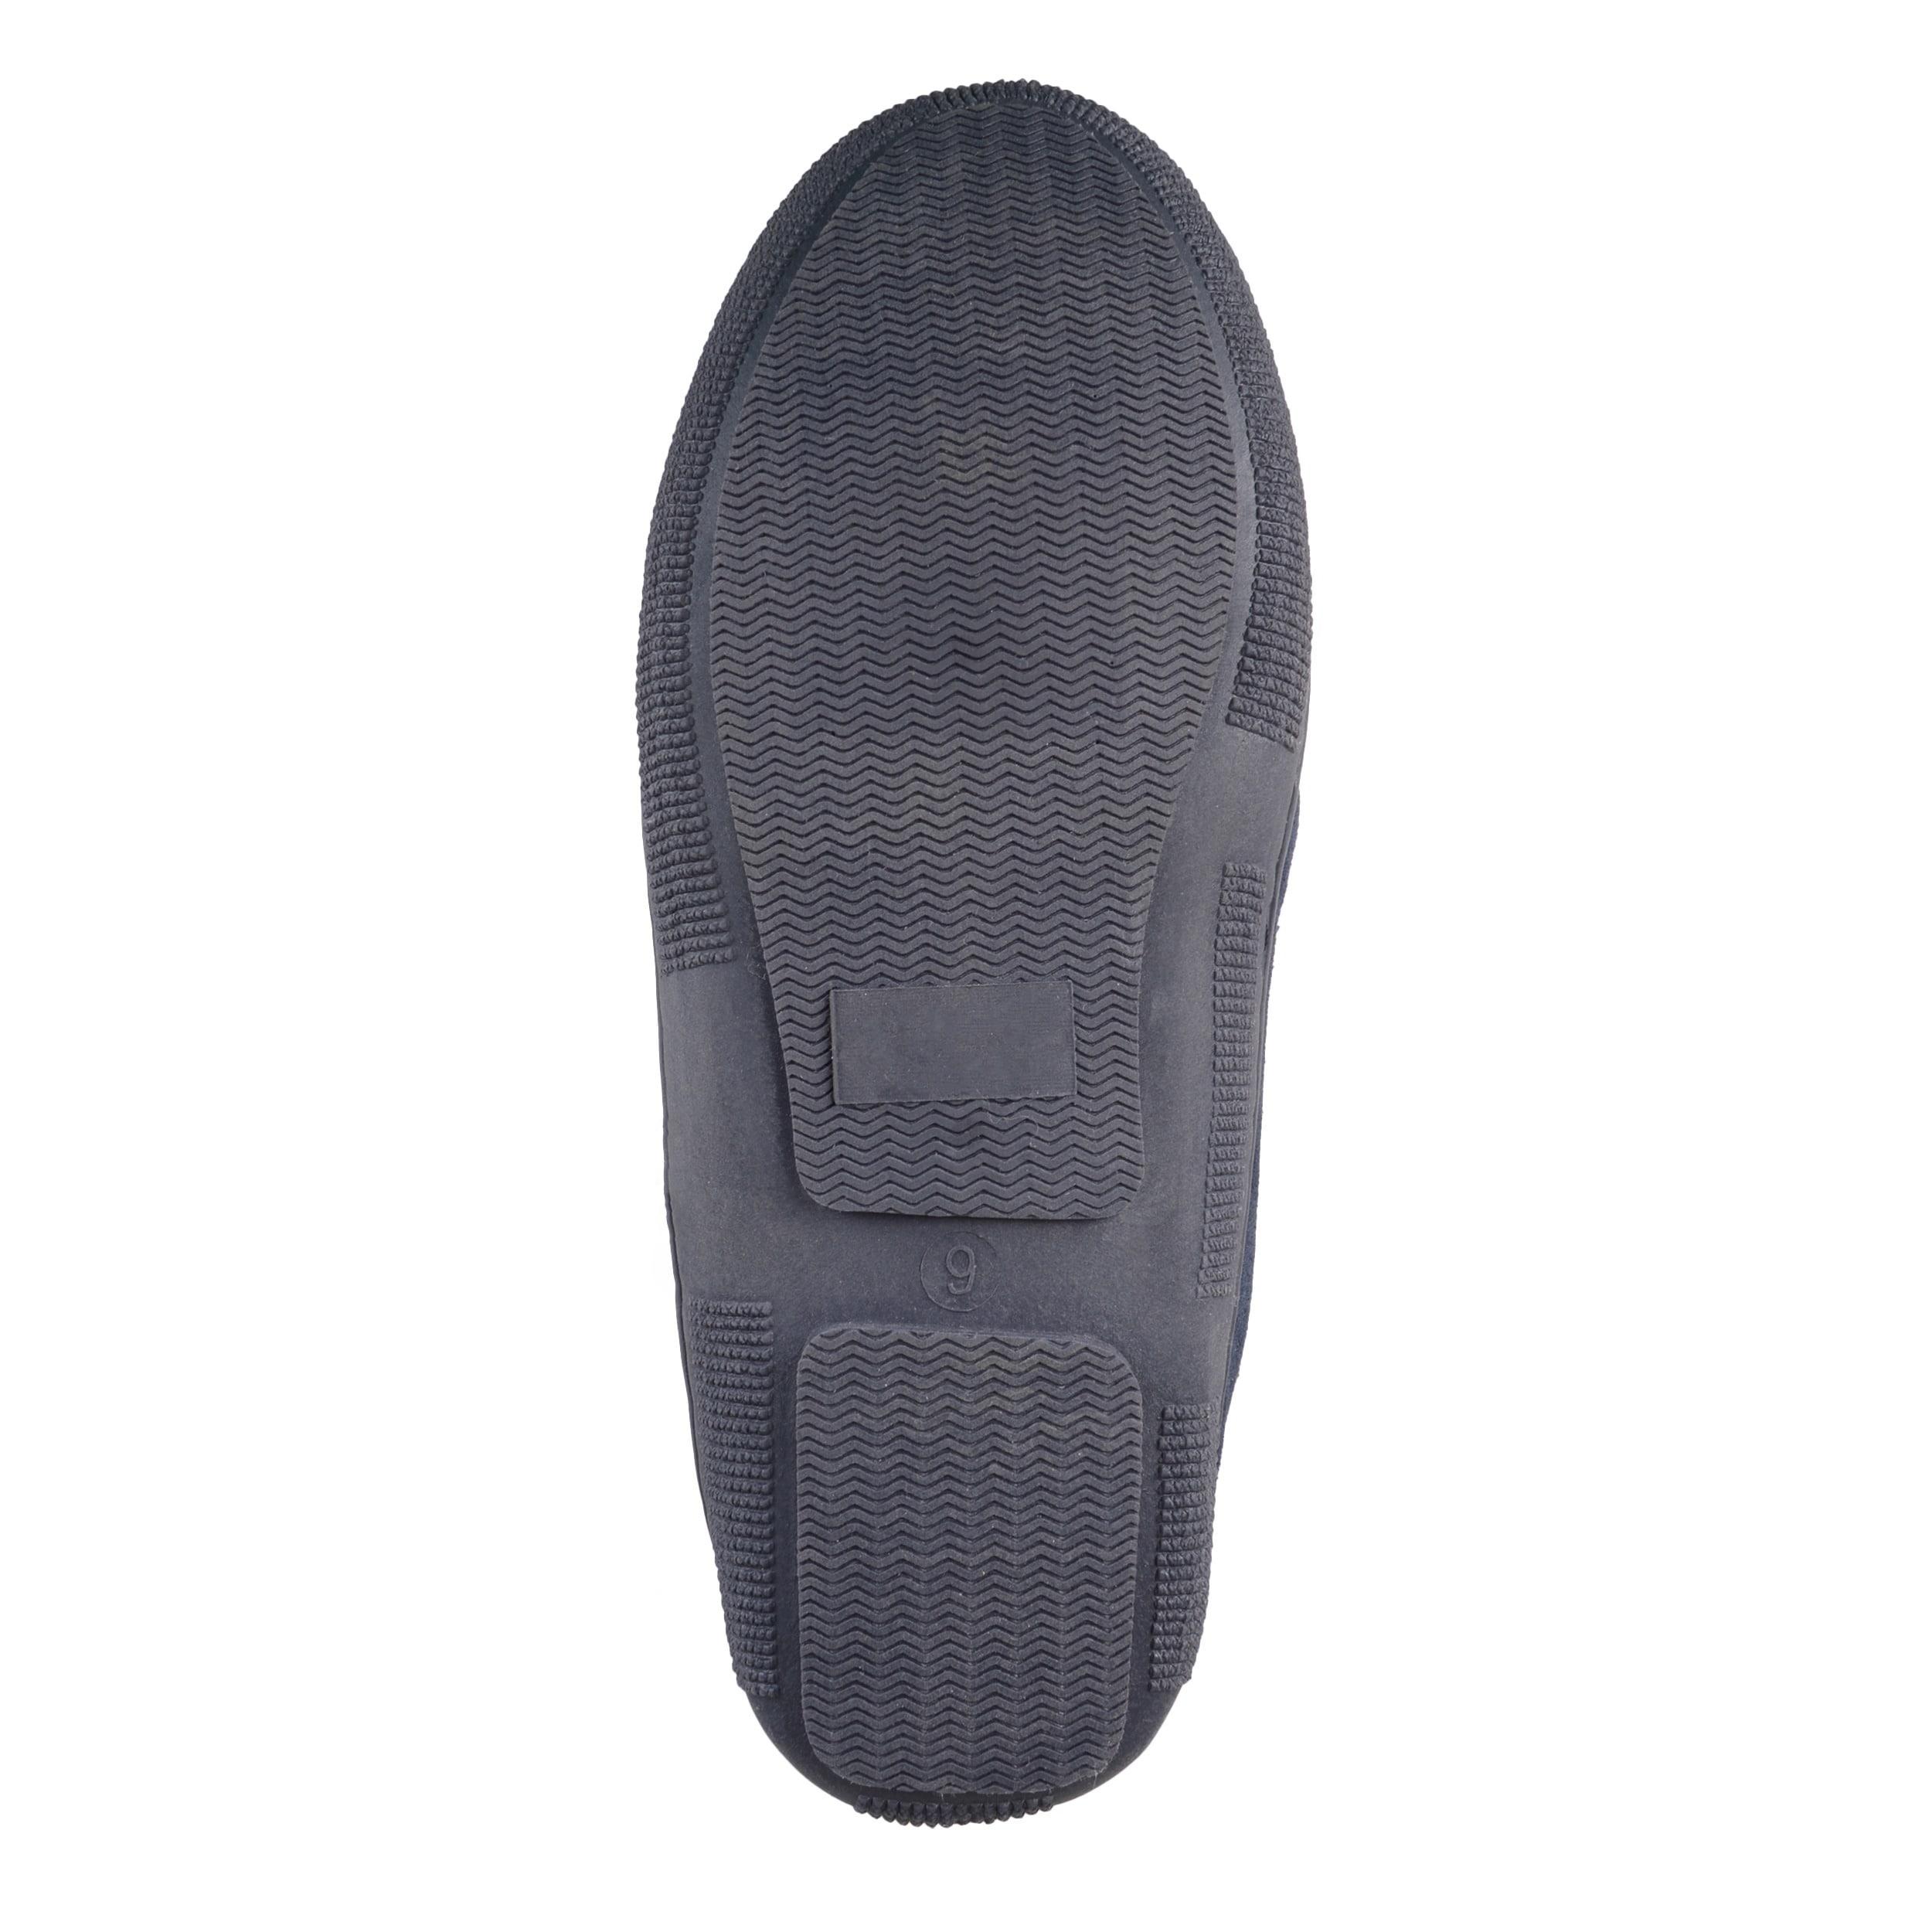 8e105d44 Men's Moccasin Sheepskin Slippers